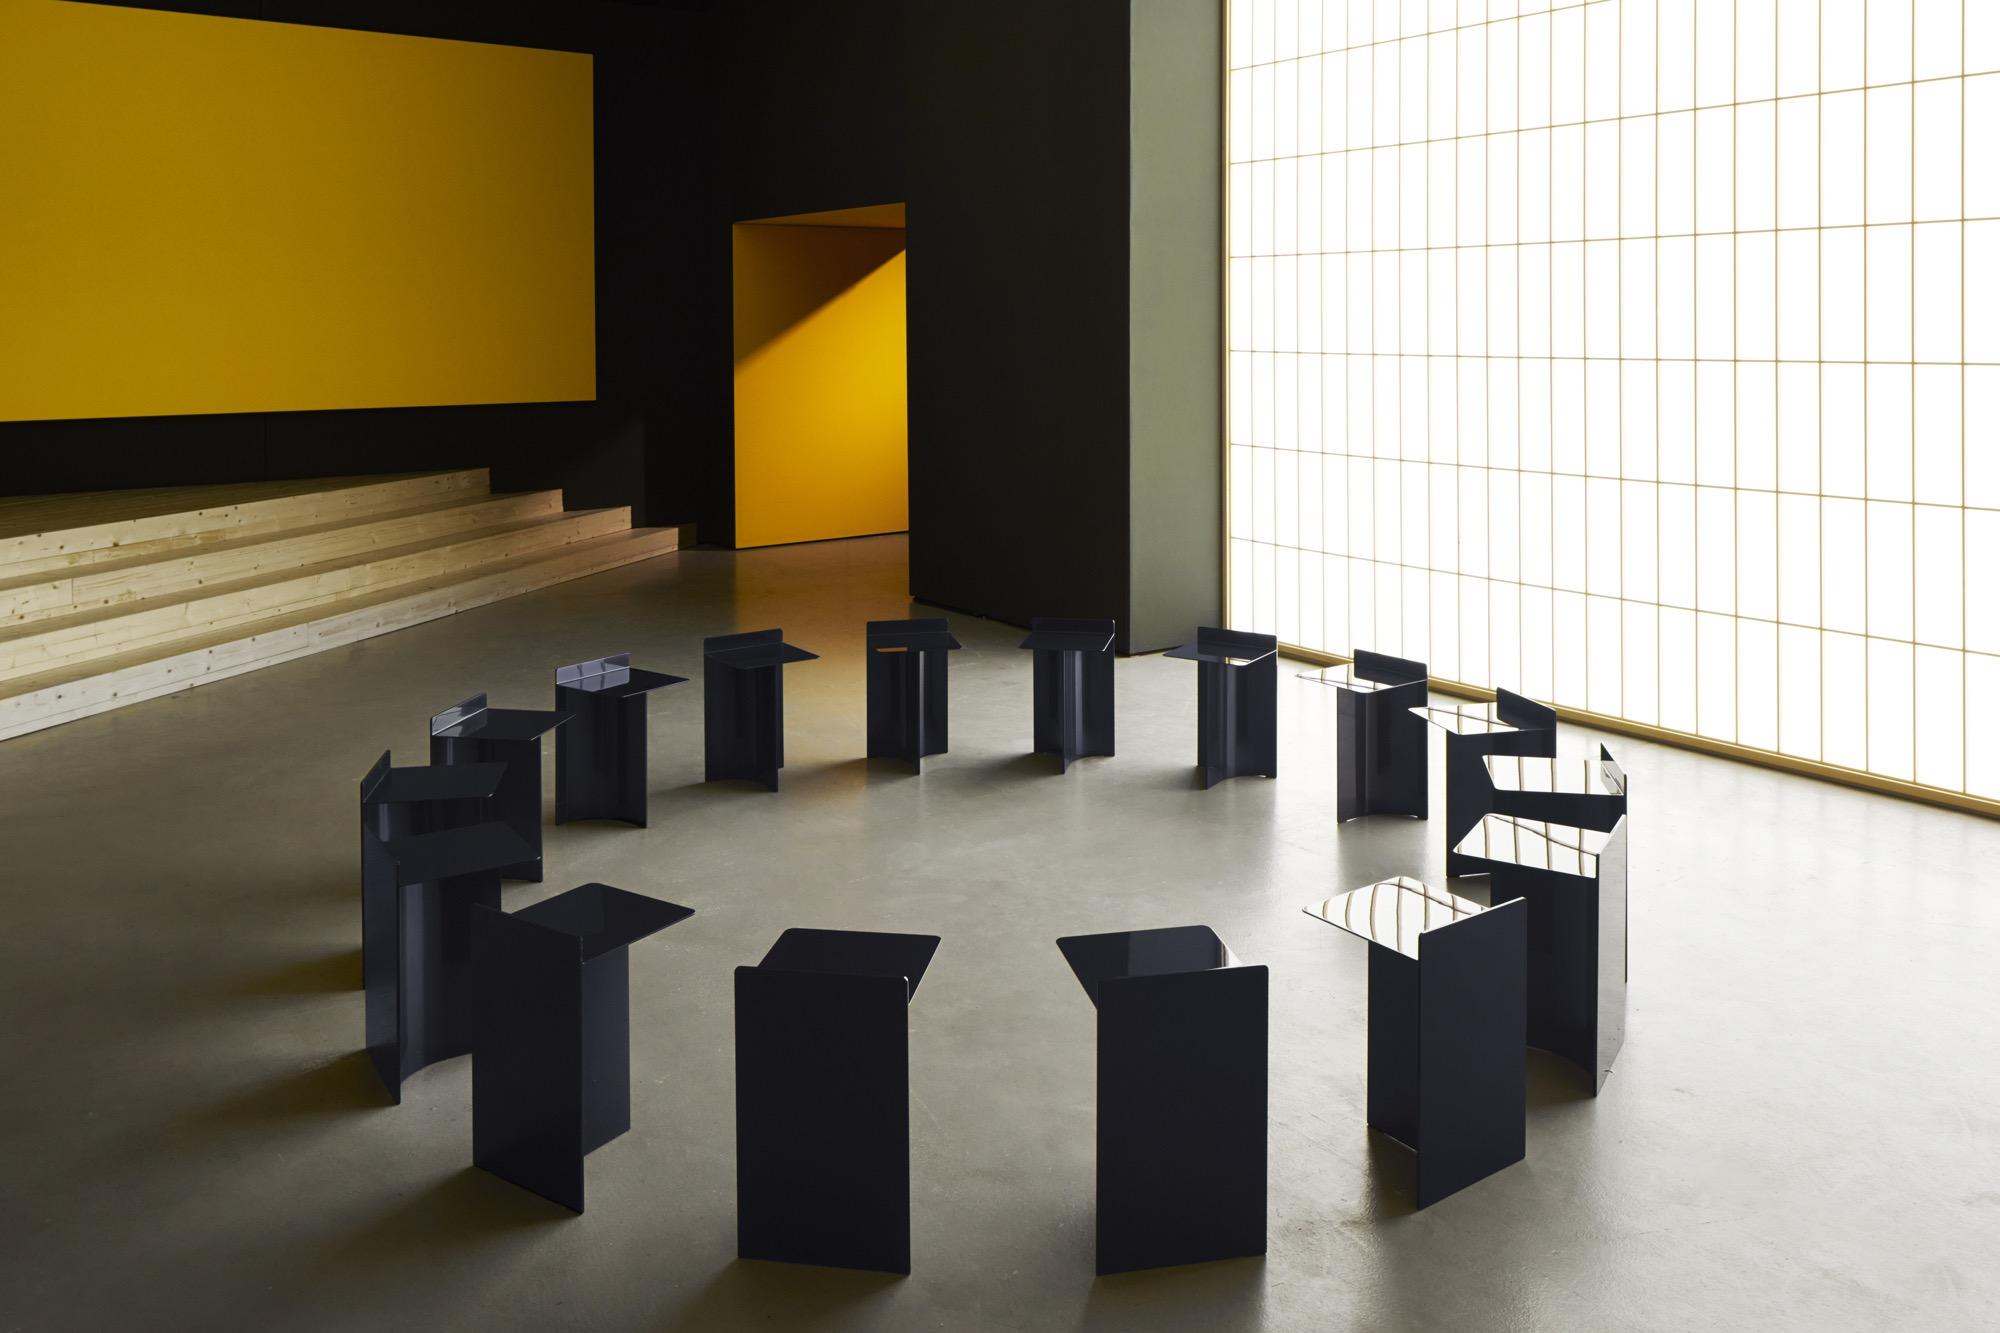 Il primo spazio dell'installazione di Formafantasma (foto: Lexus)